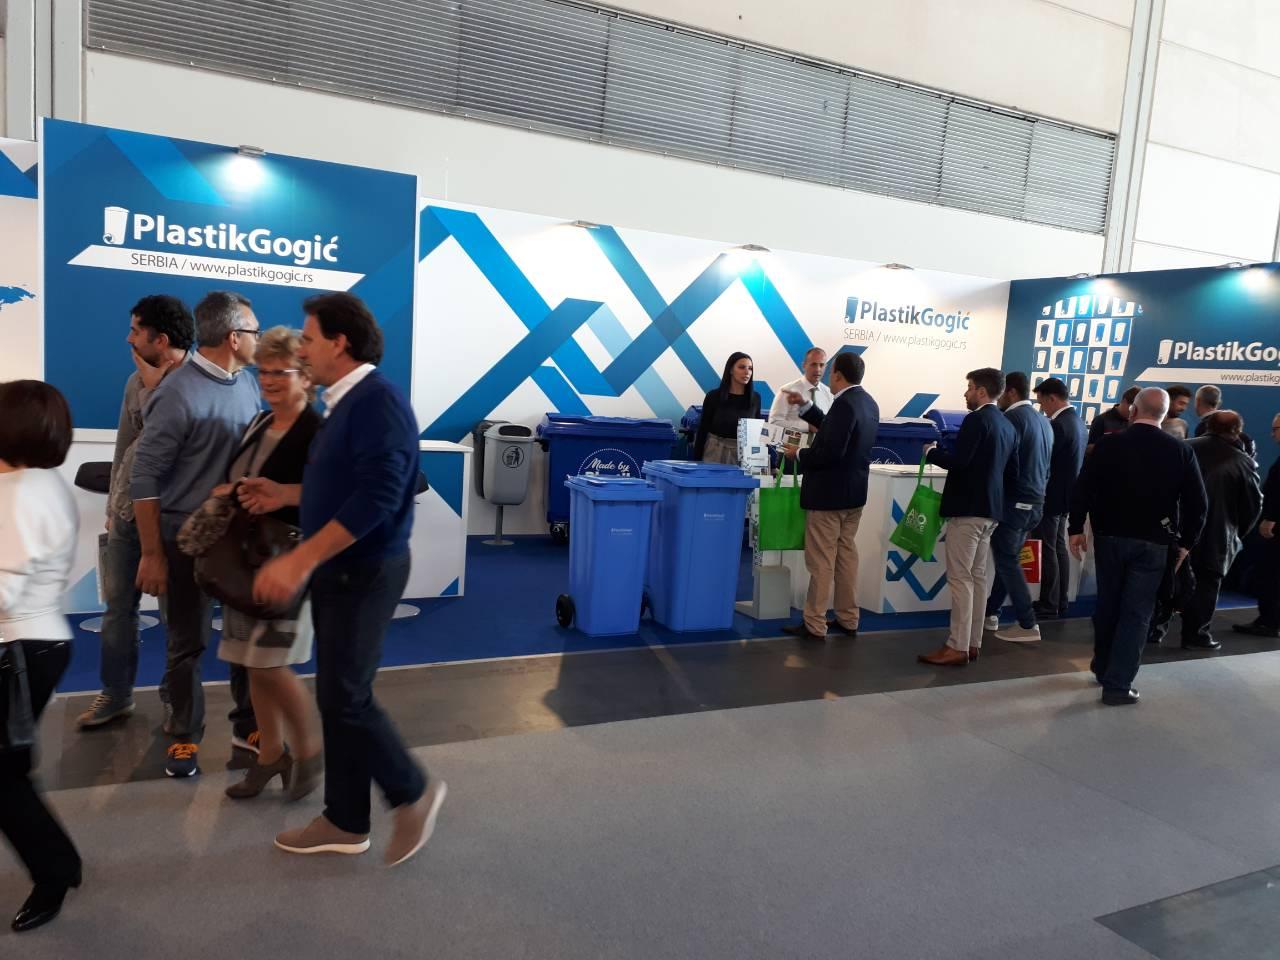 Kompanija Plastik Gogić na međunarodnom sajmu zelene tehnologije - Ecomondo u Italiji